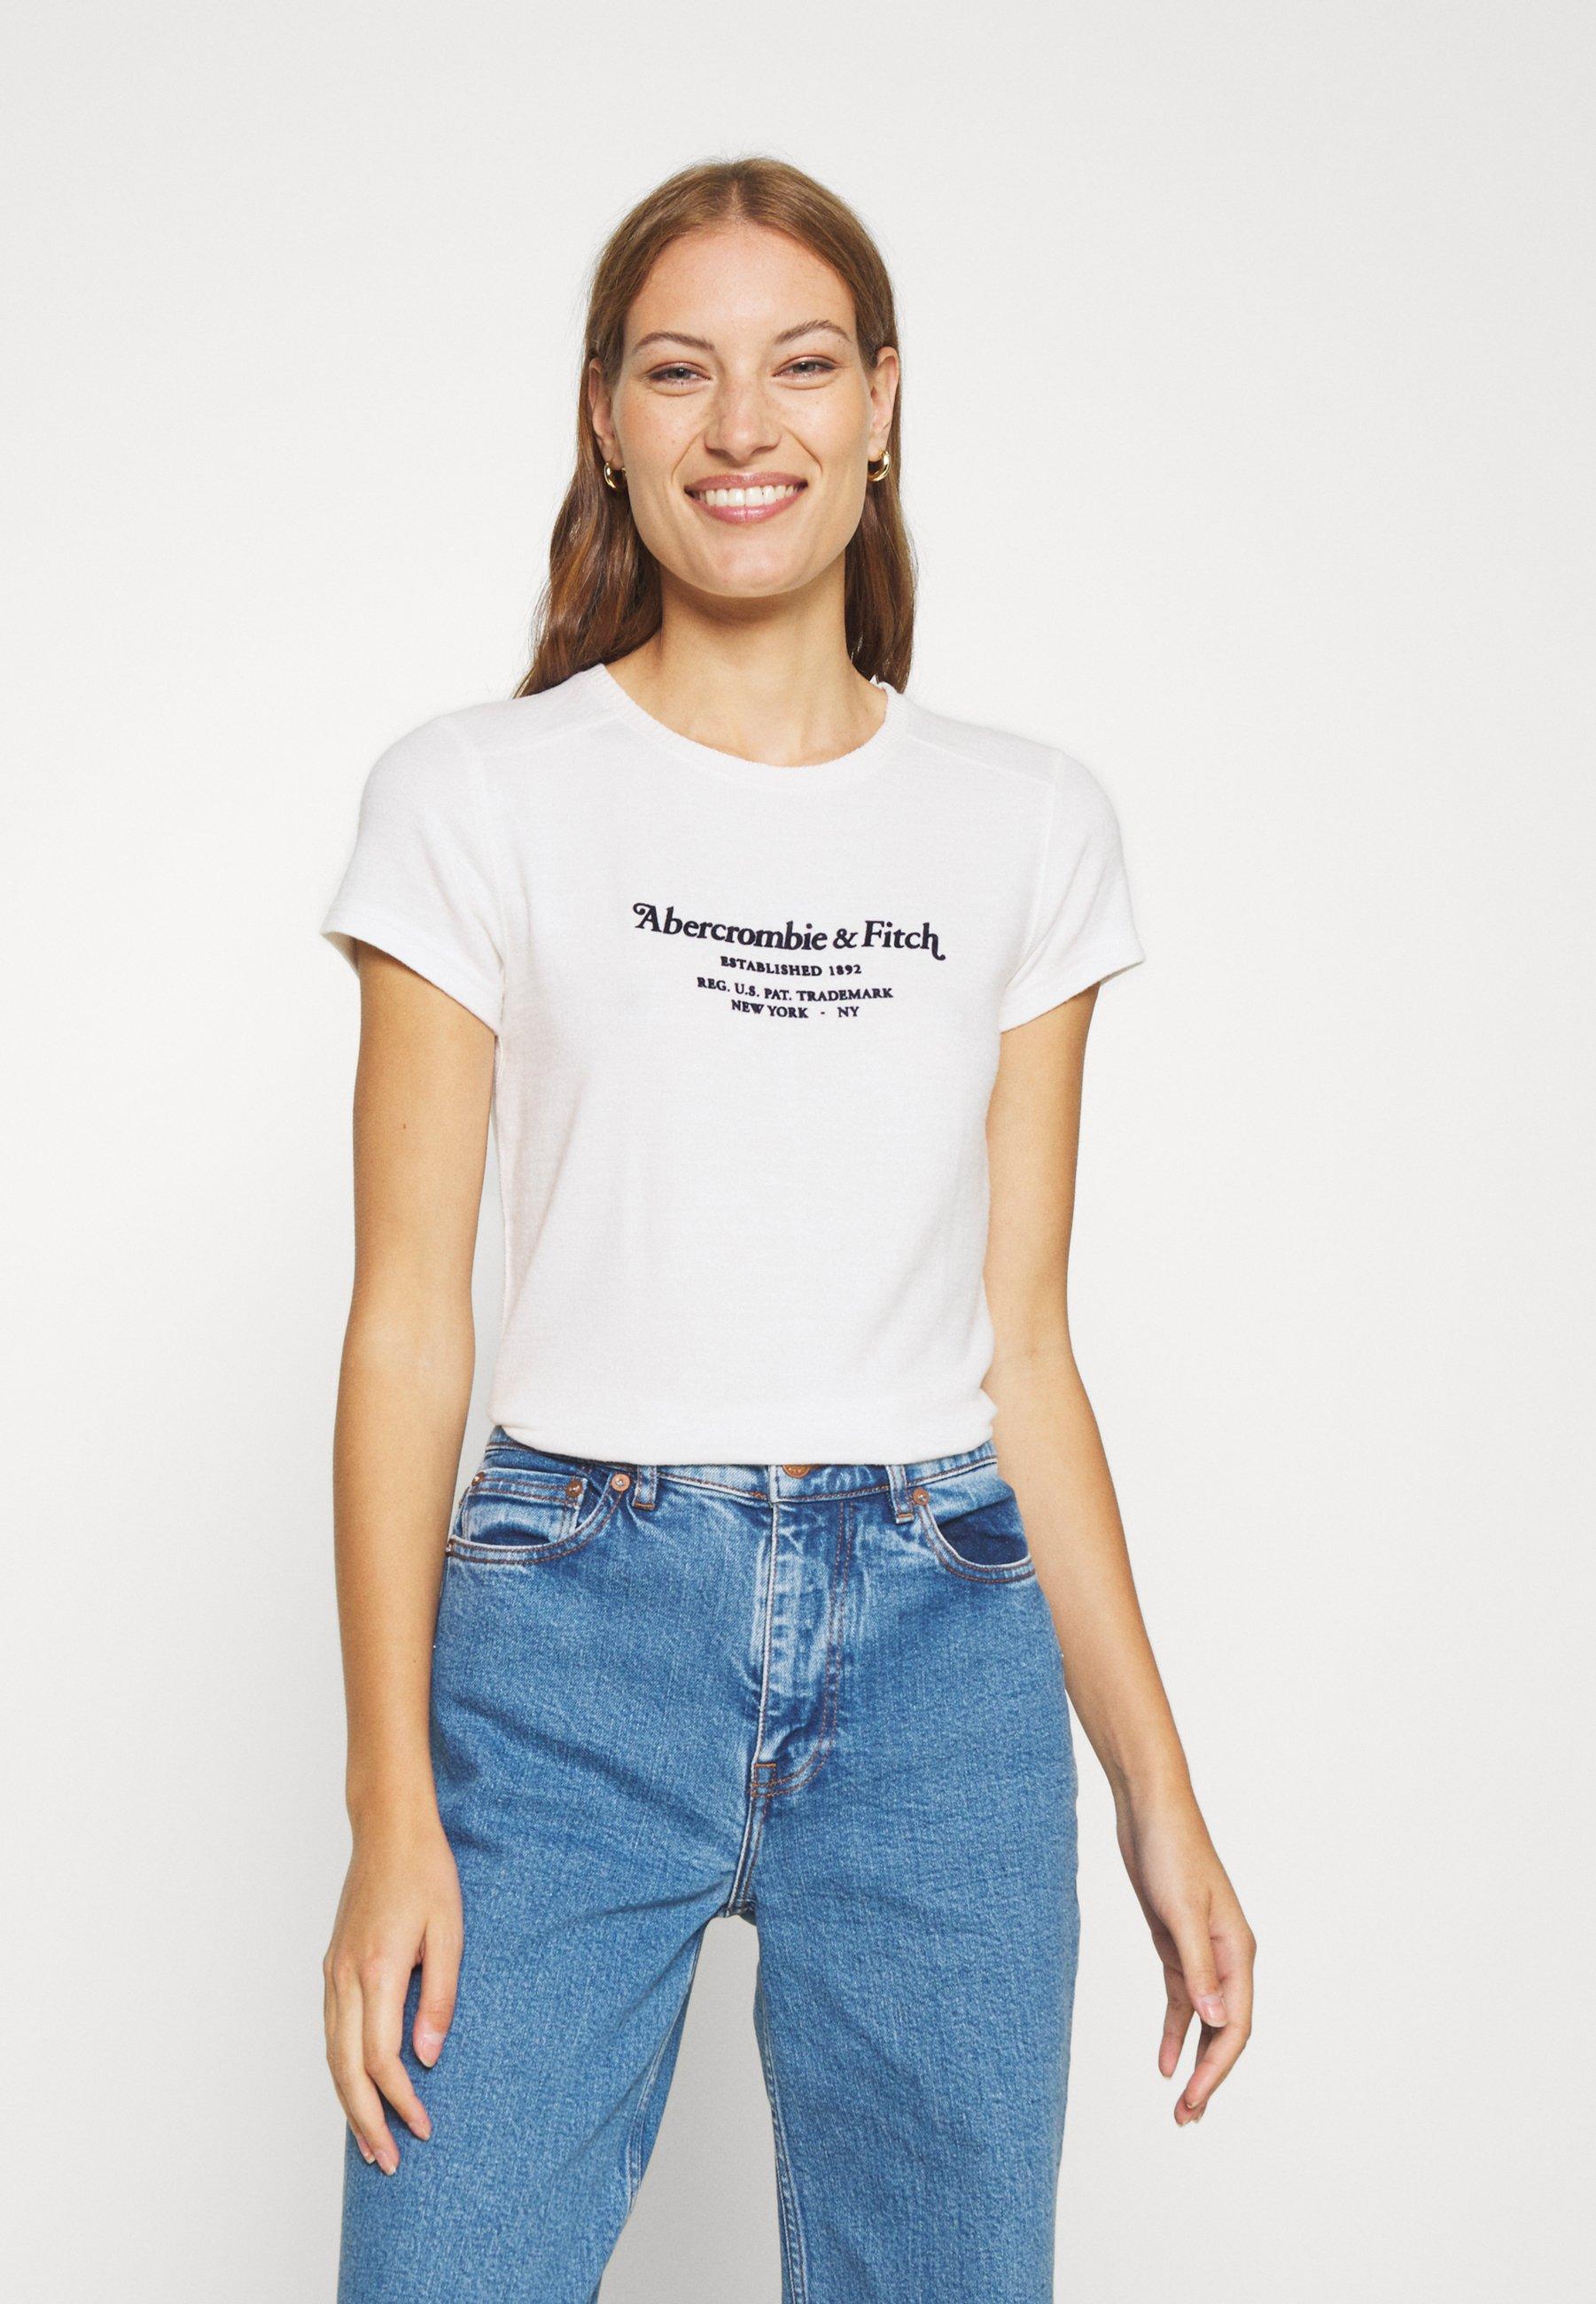 Skjorter til dame, herre og barn Abercrombie & Fitch på nett